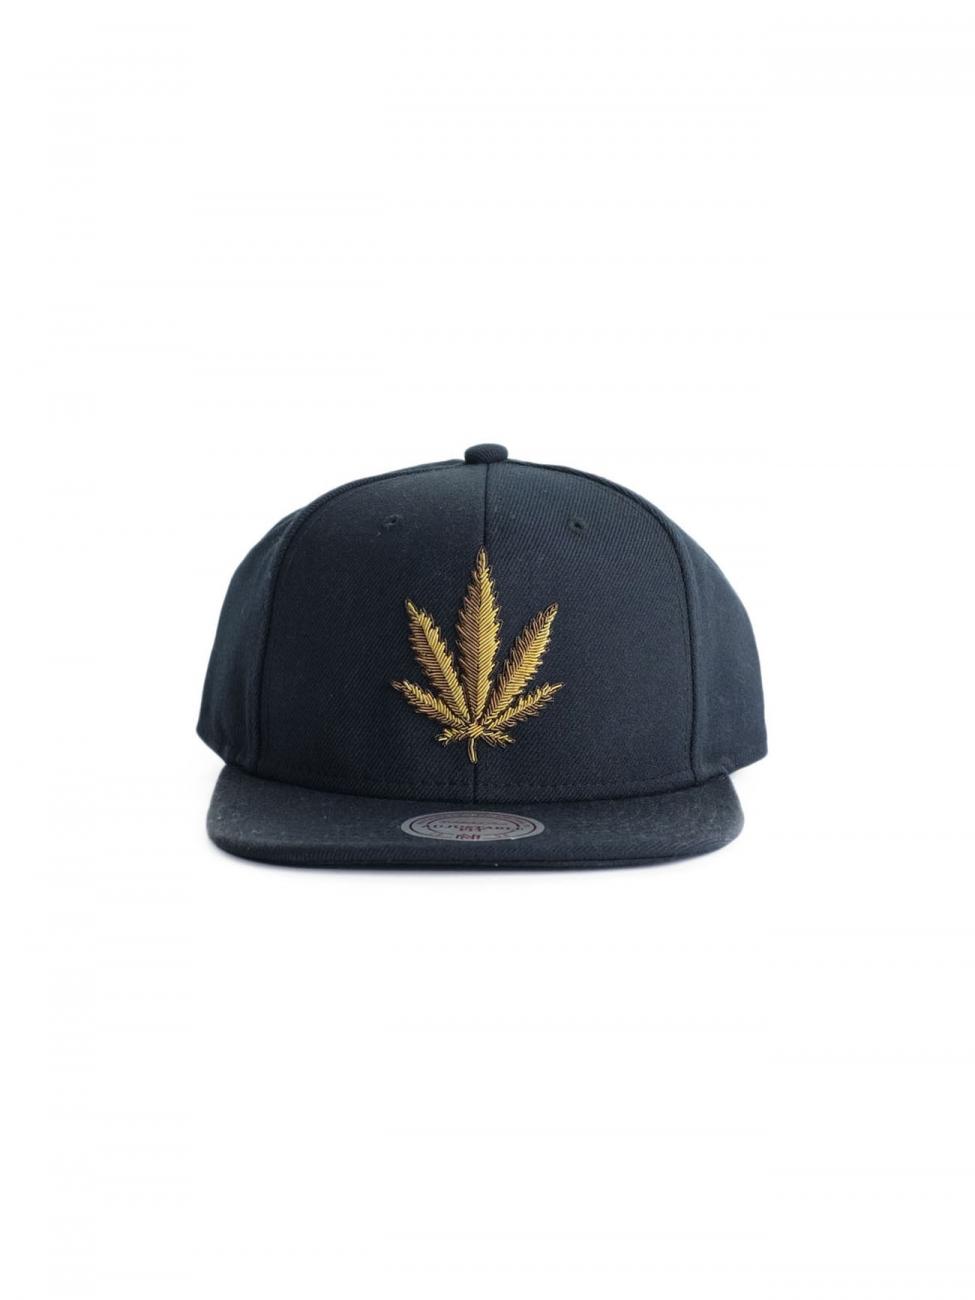 Palm Angels Black Cap With Golden Leaf In Black For Men Lyst